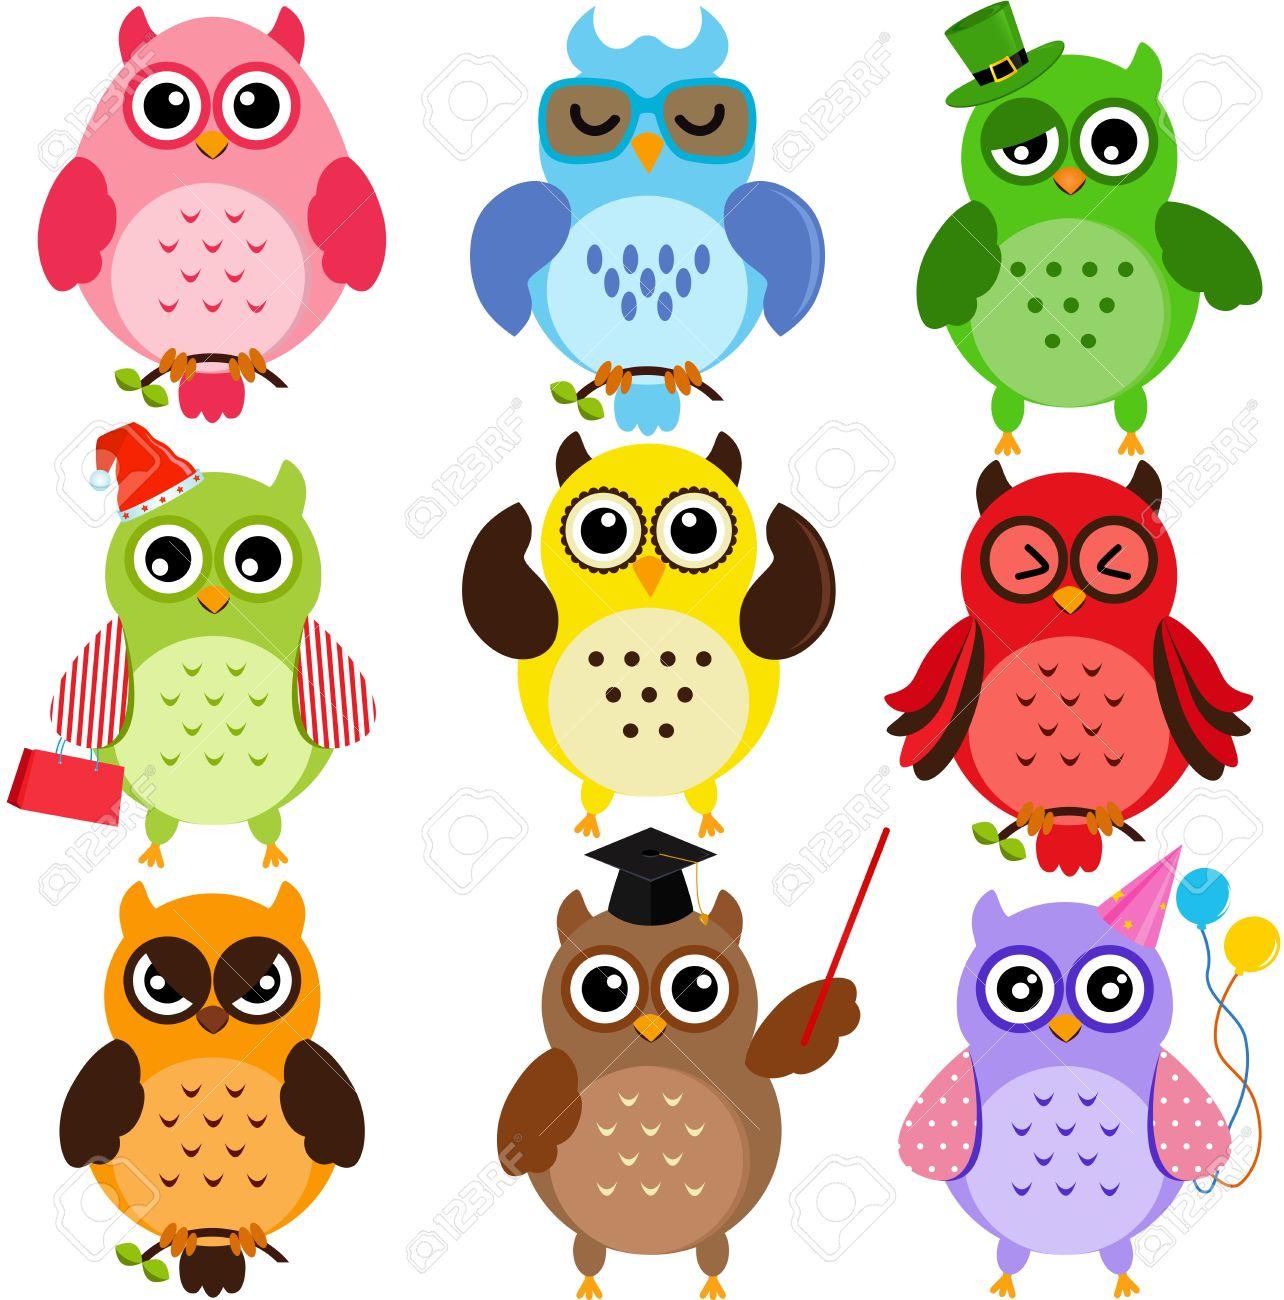 Conjunto De Búhos De Colores Con Diferentes Personajes Ilustraciones